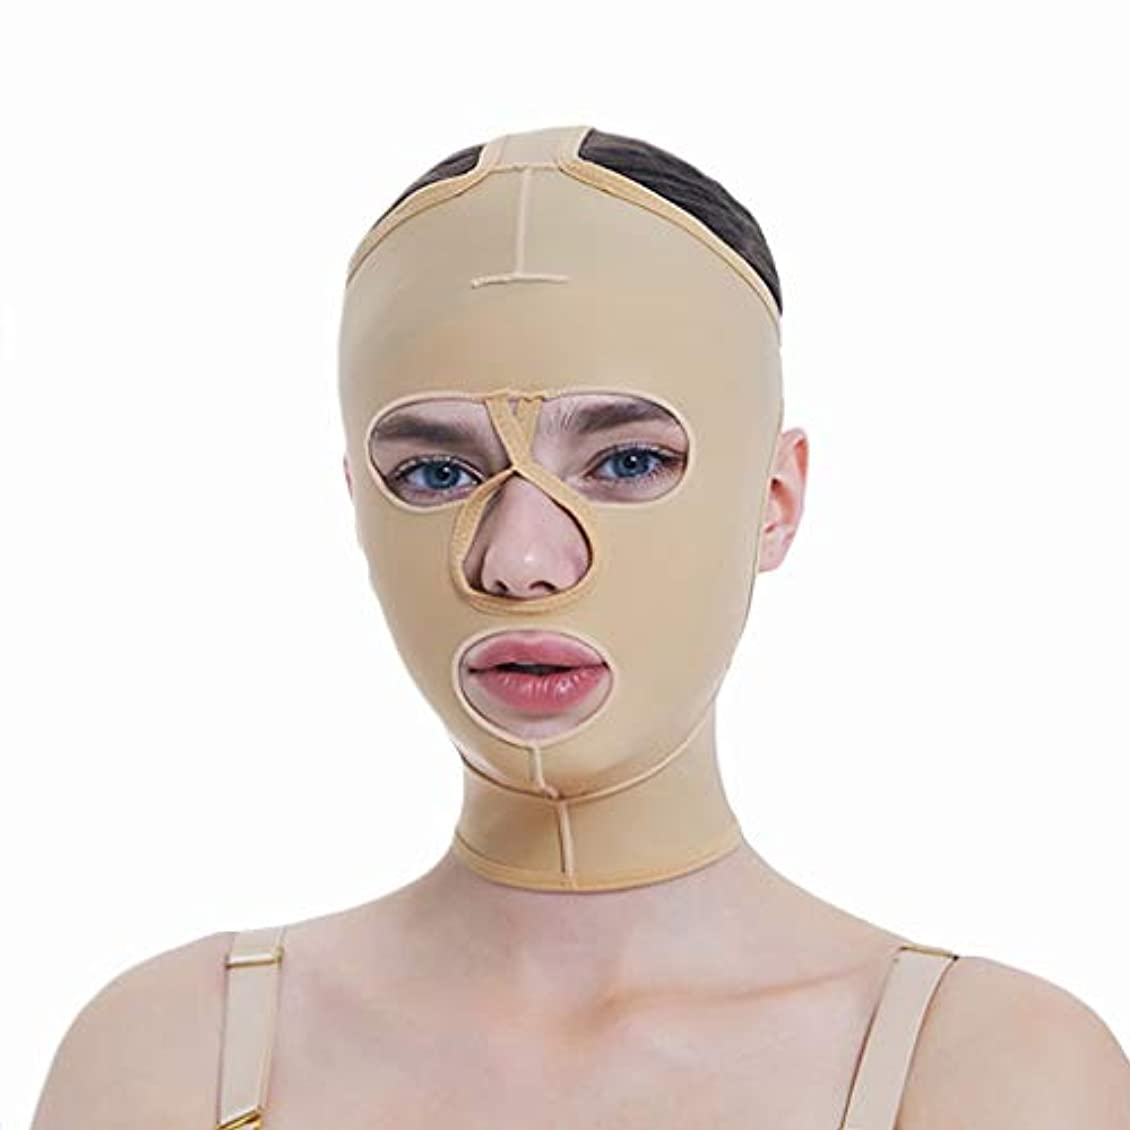 XHLMRMJ 顔の減量マスク、フルカバレッジ包帯、フルフェイスリフティングマスク、フェイスマスク、快適で通気性、リフティングシェーピング (Size : M)